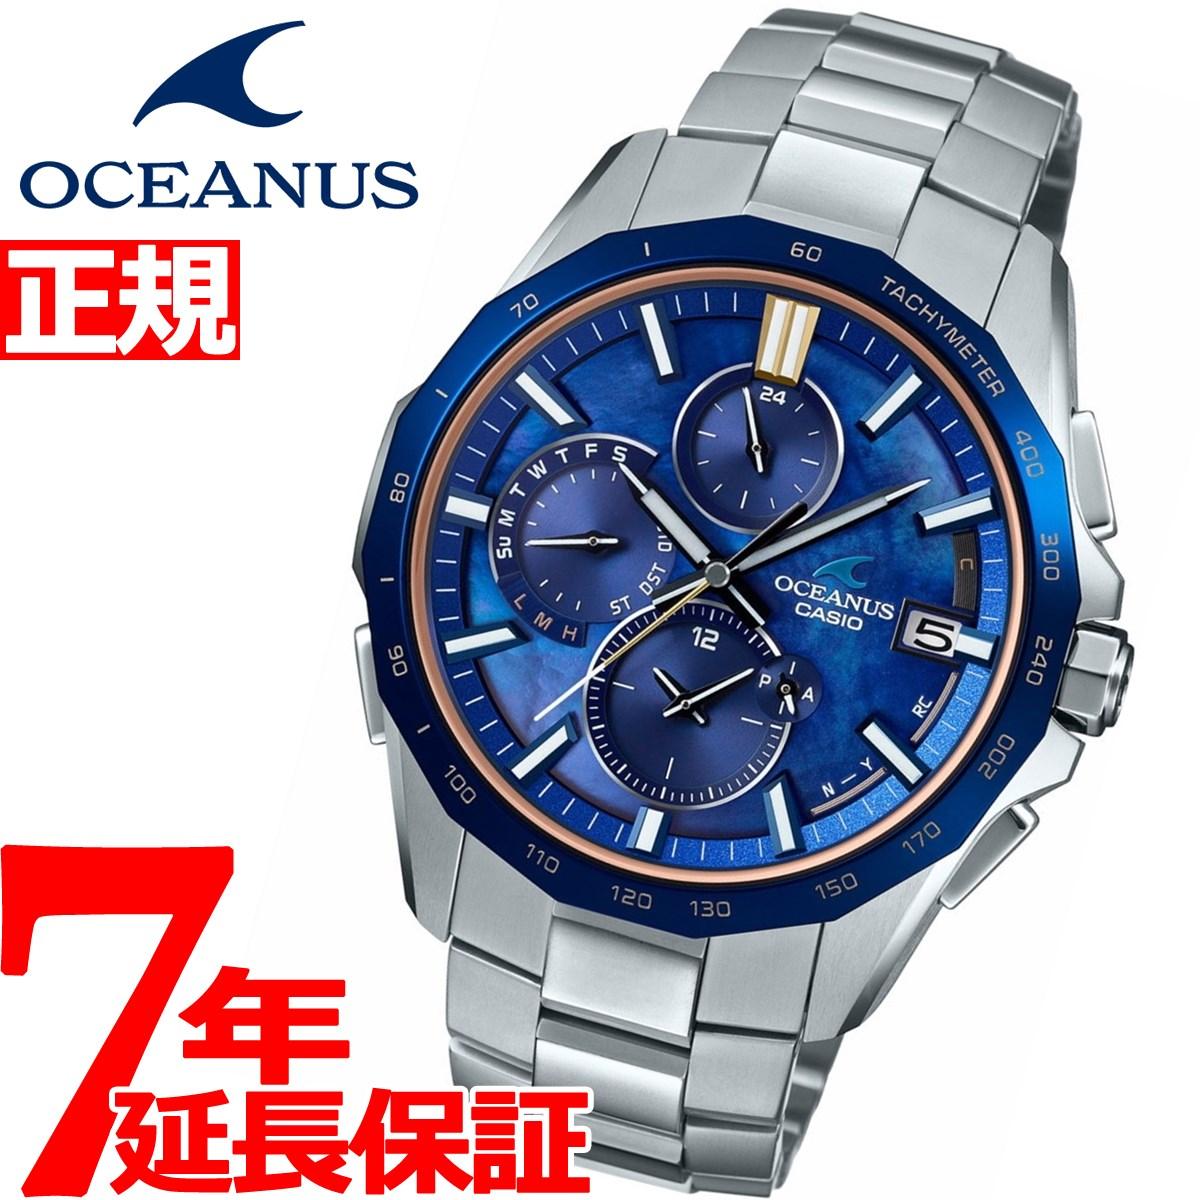 カシオ オシアナス マンタ CASIO OCEANUS Manta 電波 ソーラー 腕時計 メンズ アナログ タフソーラー OCW-S4000E-2AJF【2018 新作】